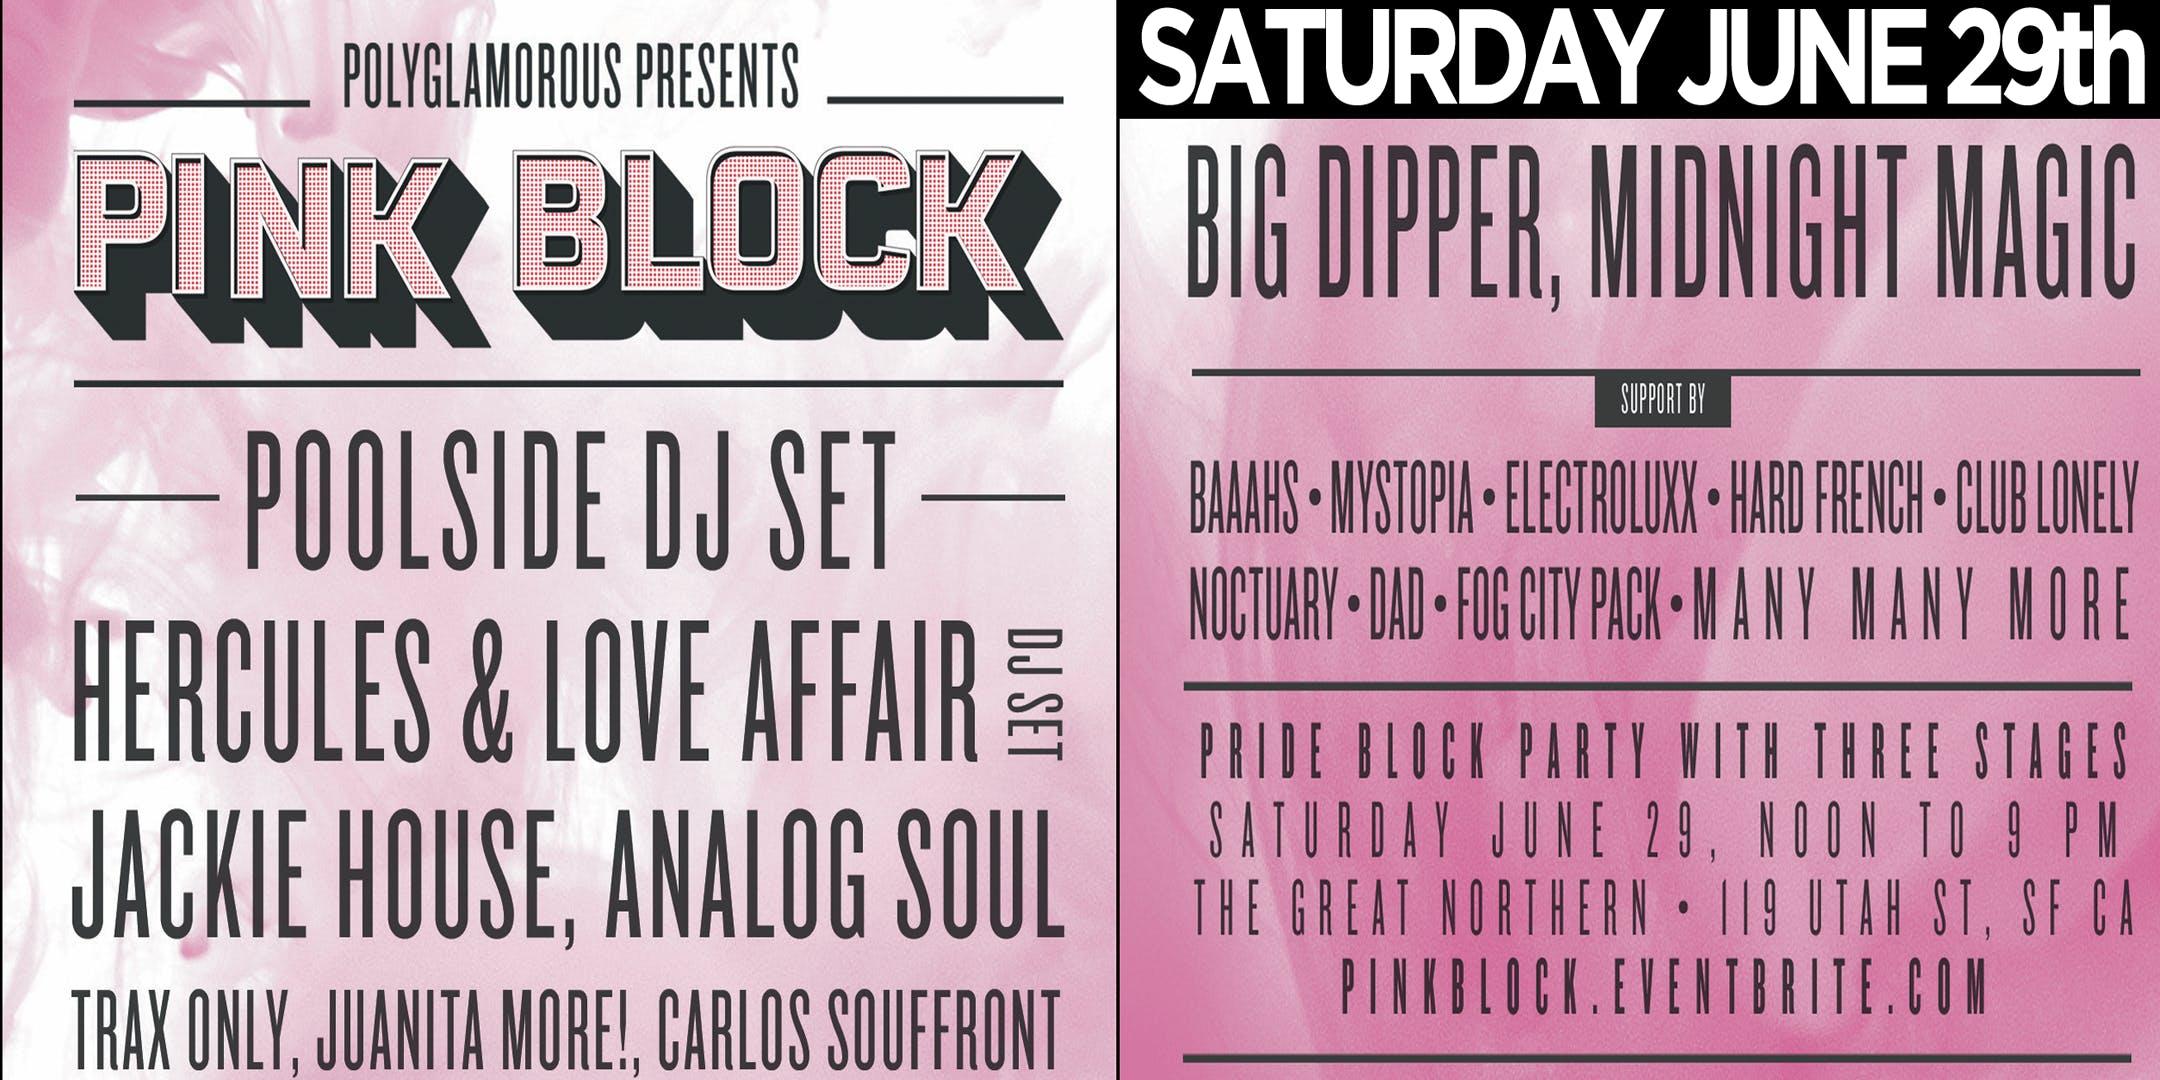 Pink Block with Poolside + Hercules & Love Affair - Pride